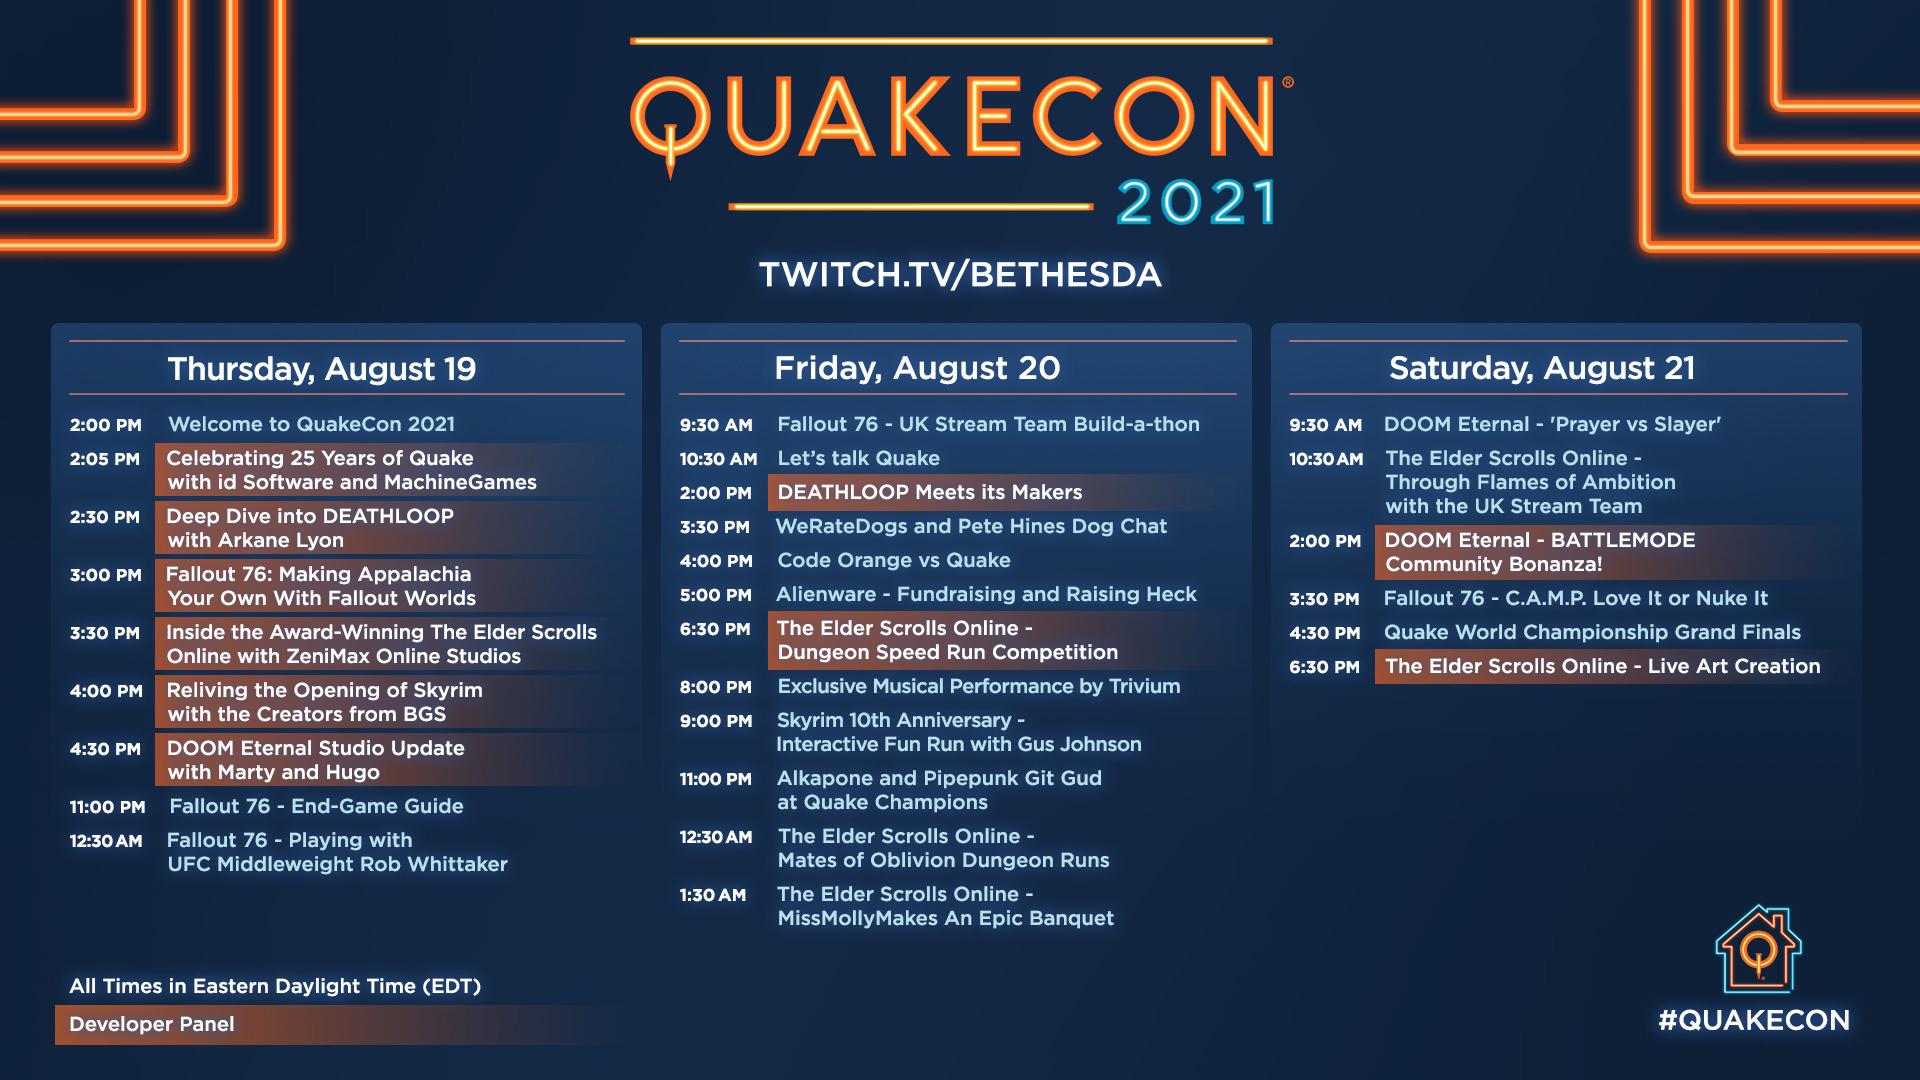 quakecon 2021 livestream schedule